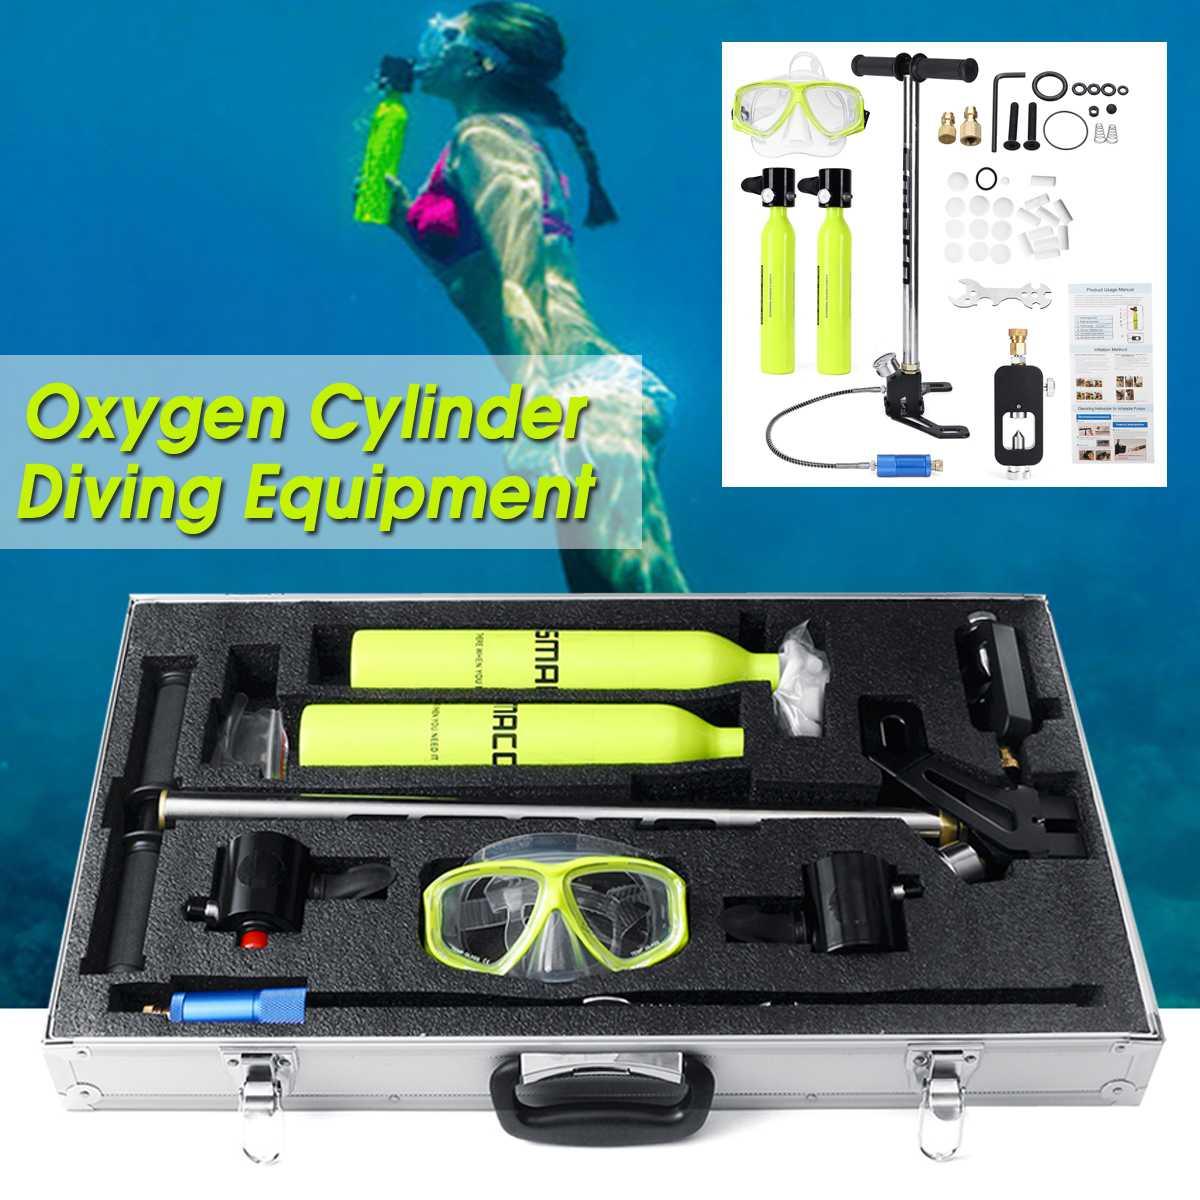 Deux Cylindre D'oxygène Réservoir D'air Mini Équipement de Plongée sous-marine De Rechange Réservoir Respiration Régulateur De Vitesse w/Boîte Liberté Souffle Sous L'eau